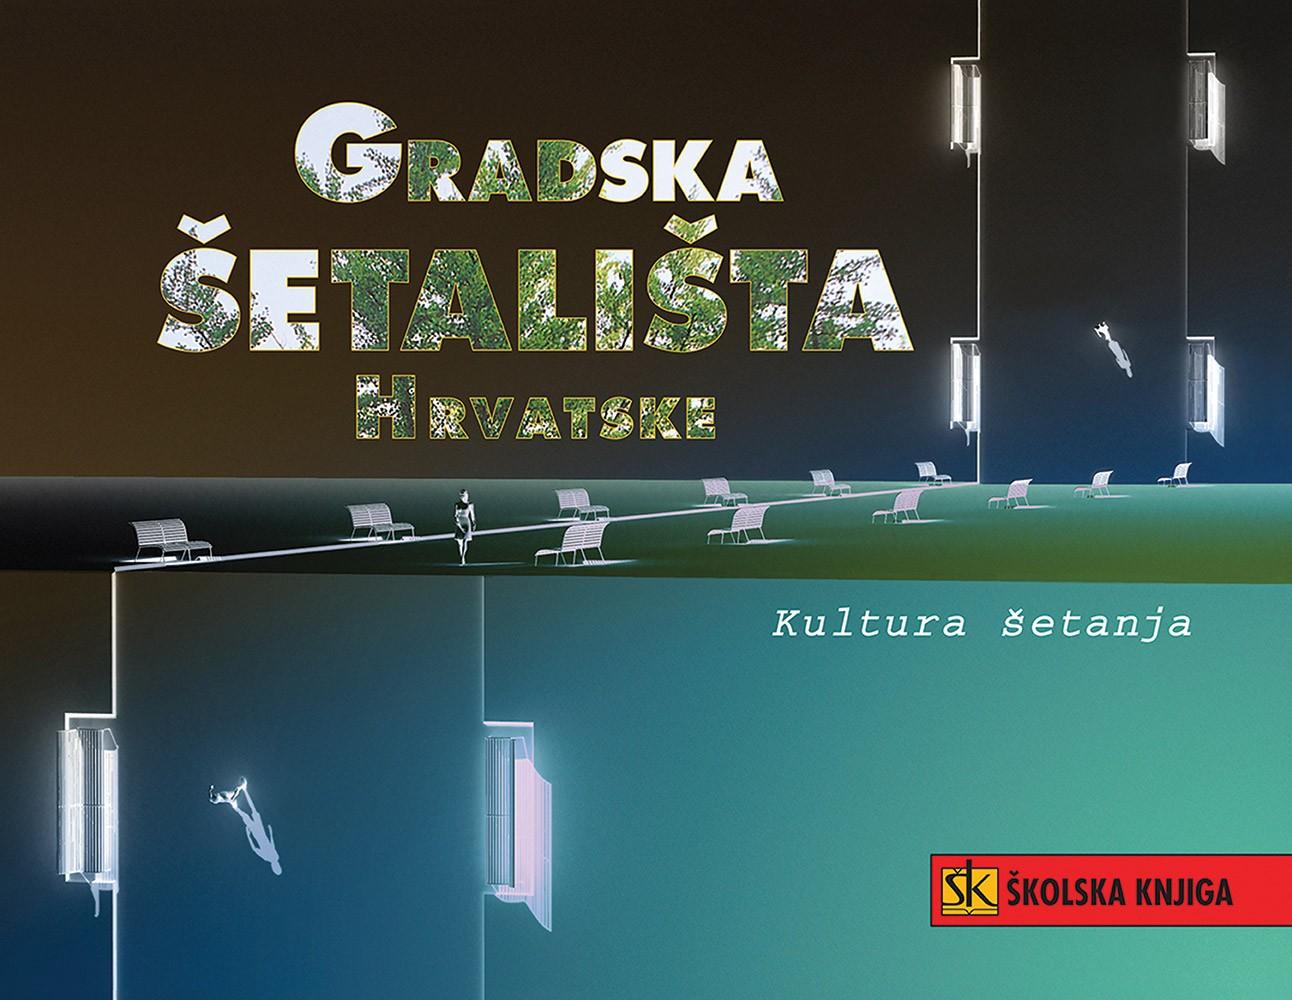 Gradska šetališta Hrvatske - kultura šetanja